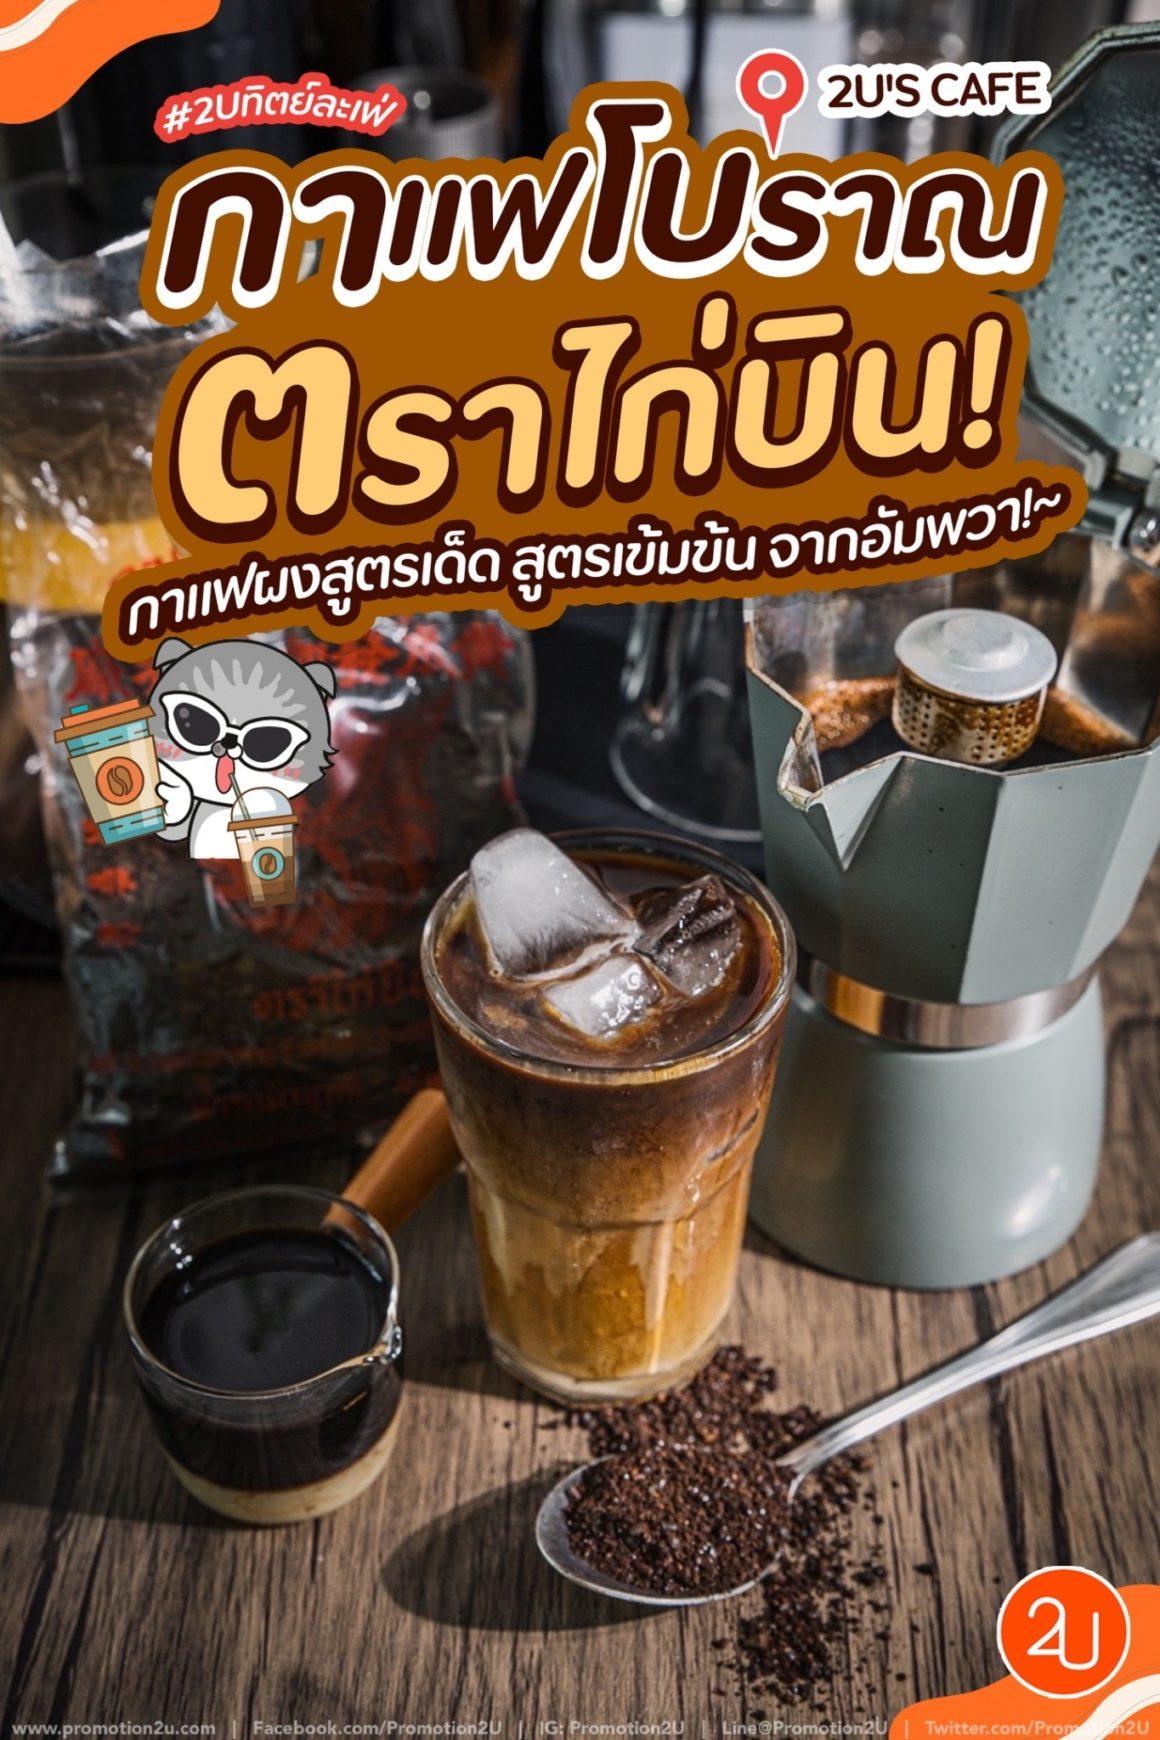 Home Cafe เมนูกาแฟโบราณ ตราไก่บิน สูตรเด็ดอัมพวา!!